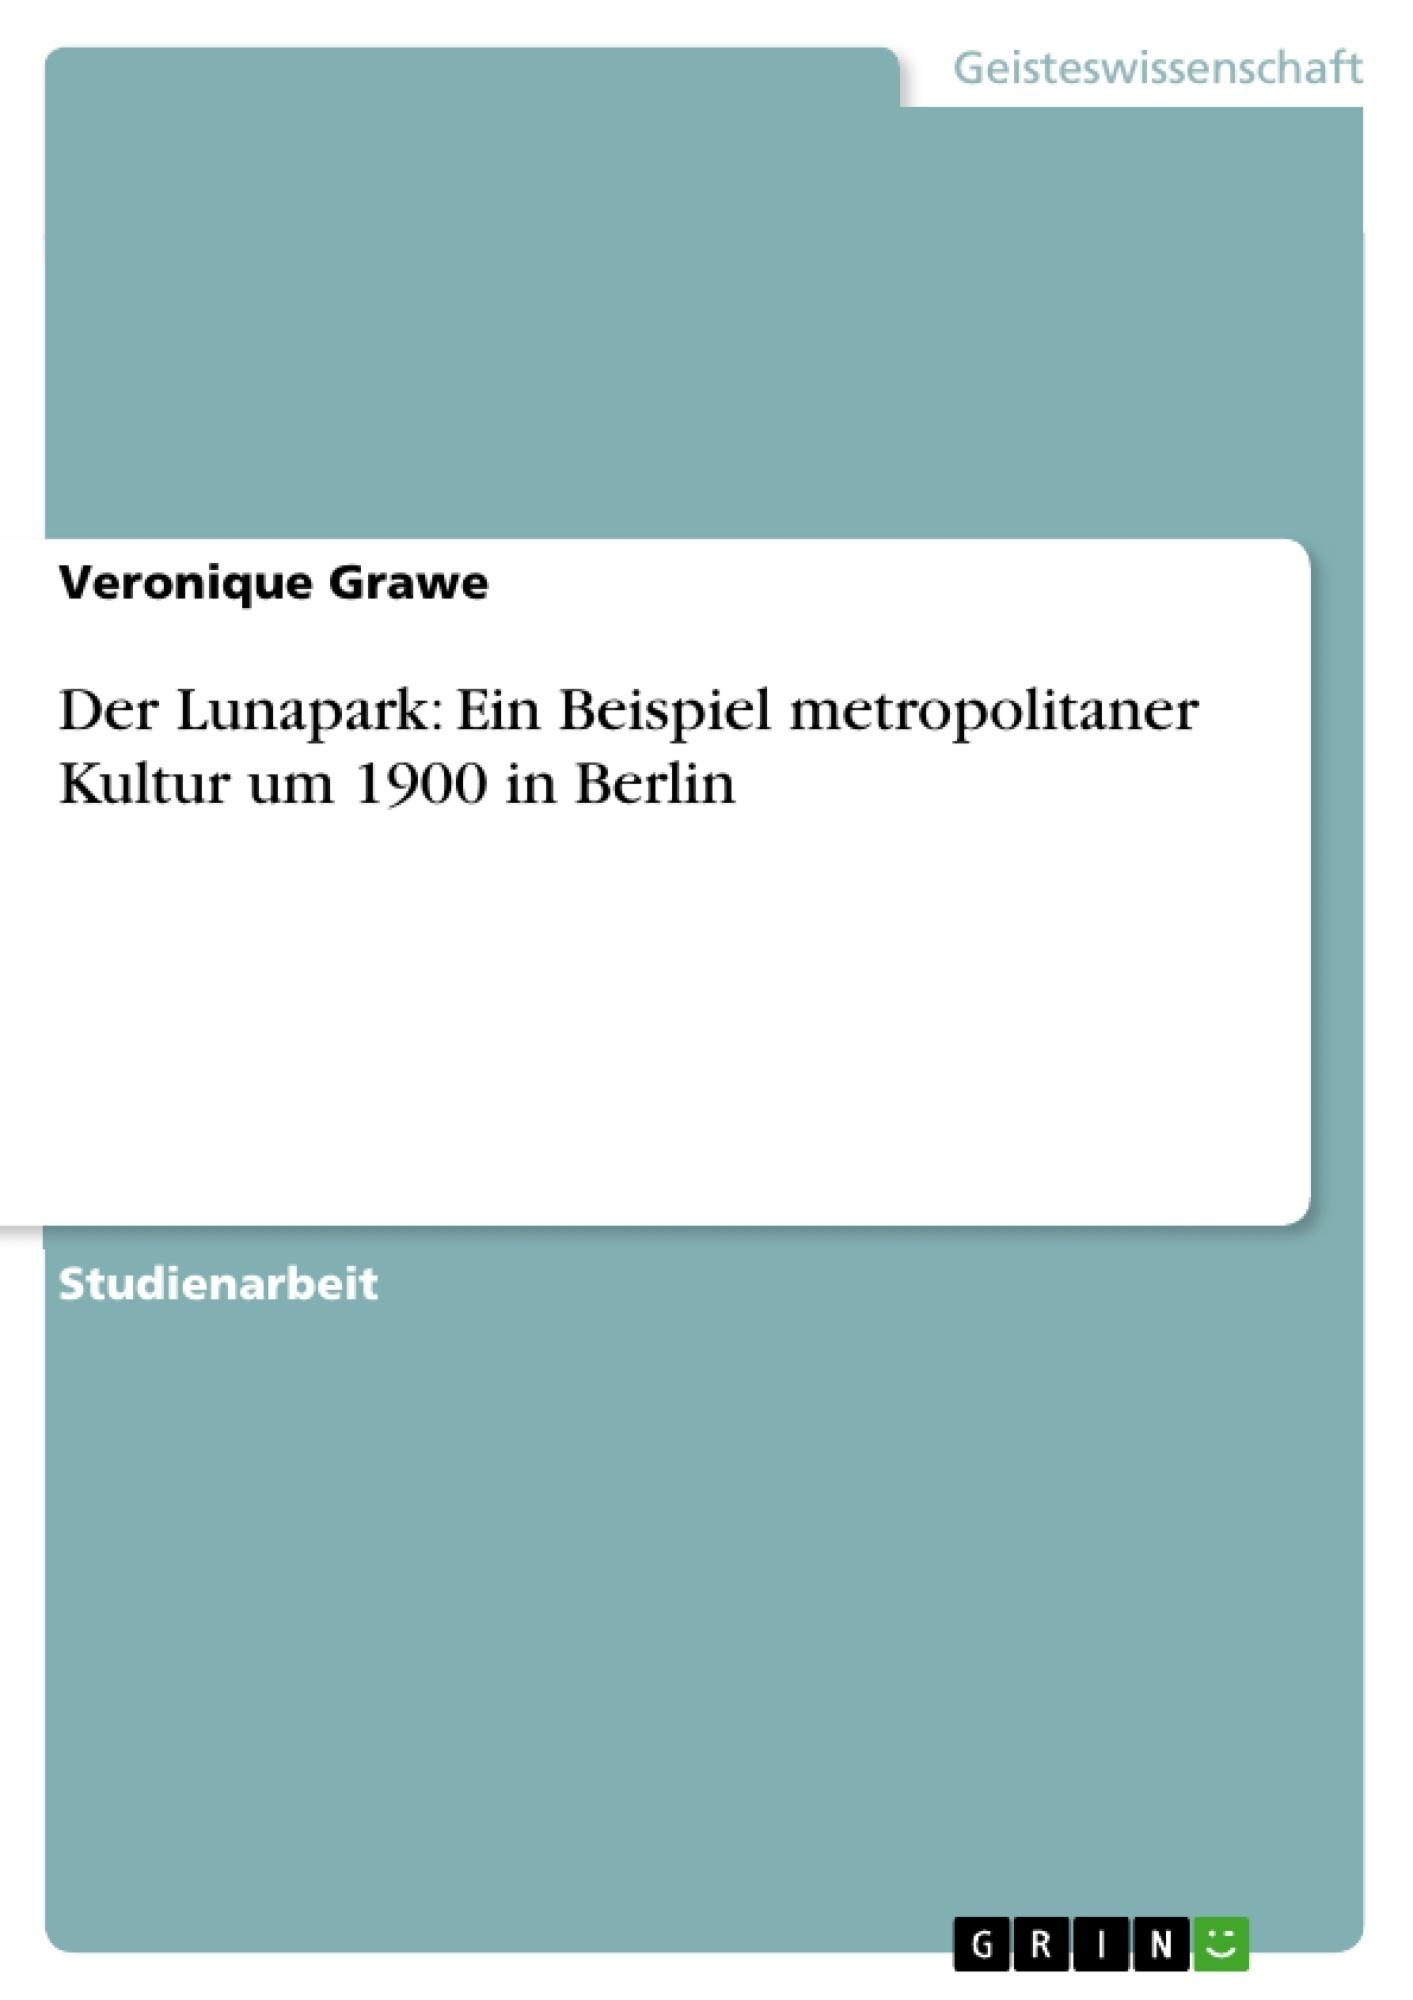 Titel: Der Lunapark: Ein Beispiel metropolitaner Kultur um 1900 in Berlin